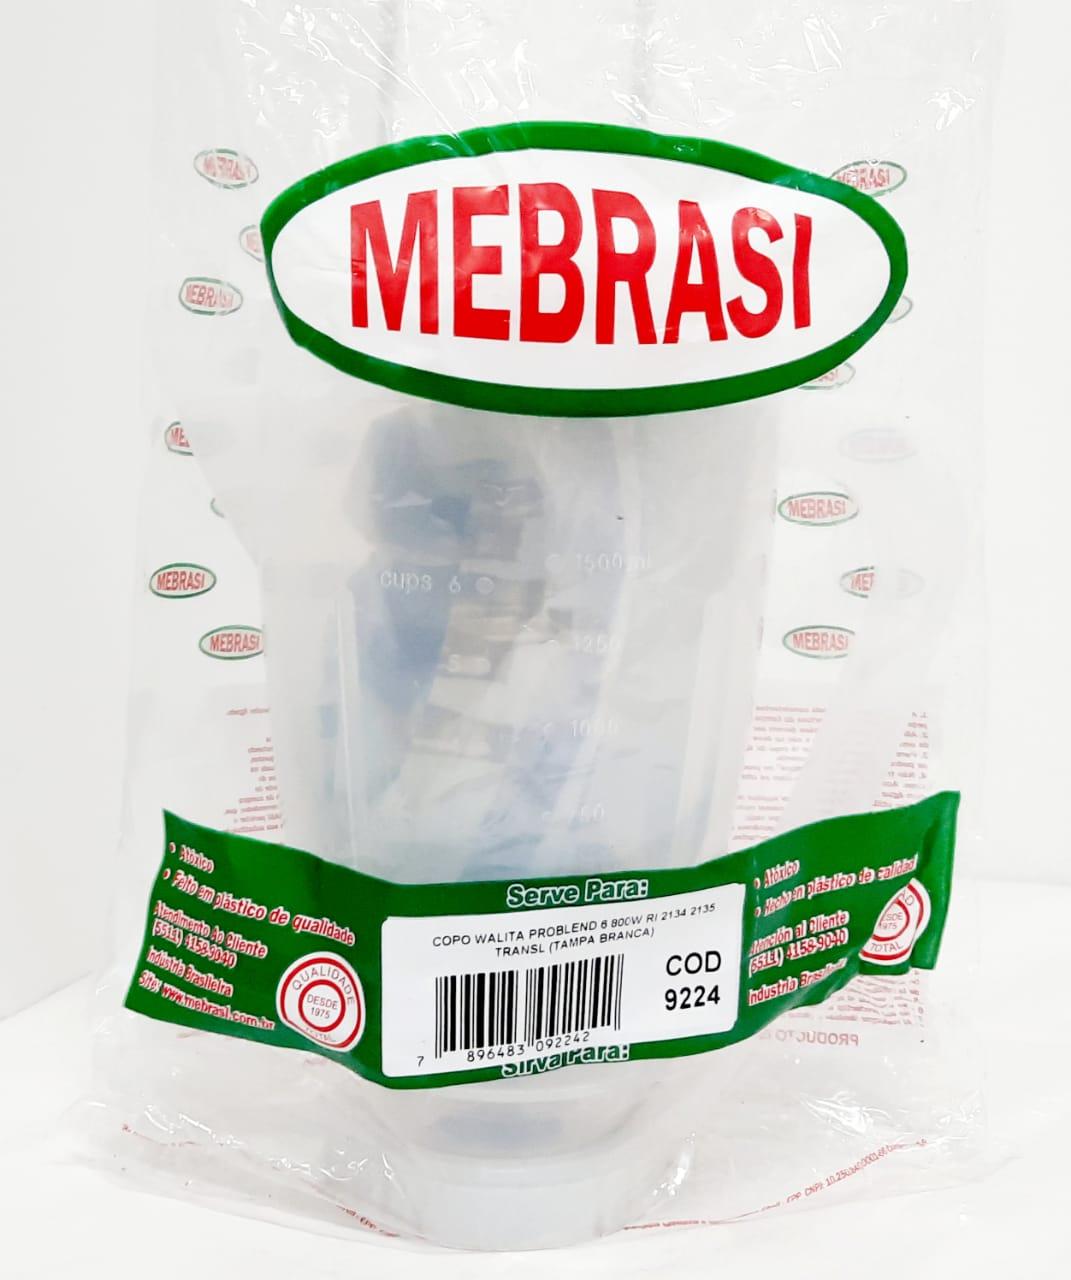 Copo WAL TRN PROBLEND 6 TP BR - Mebrasi